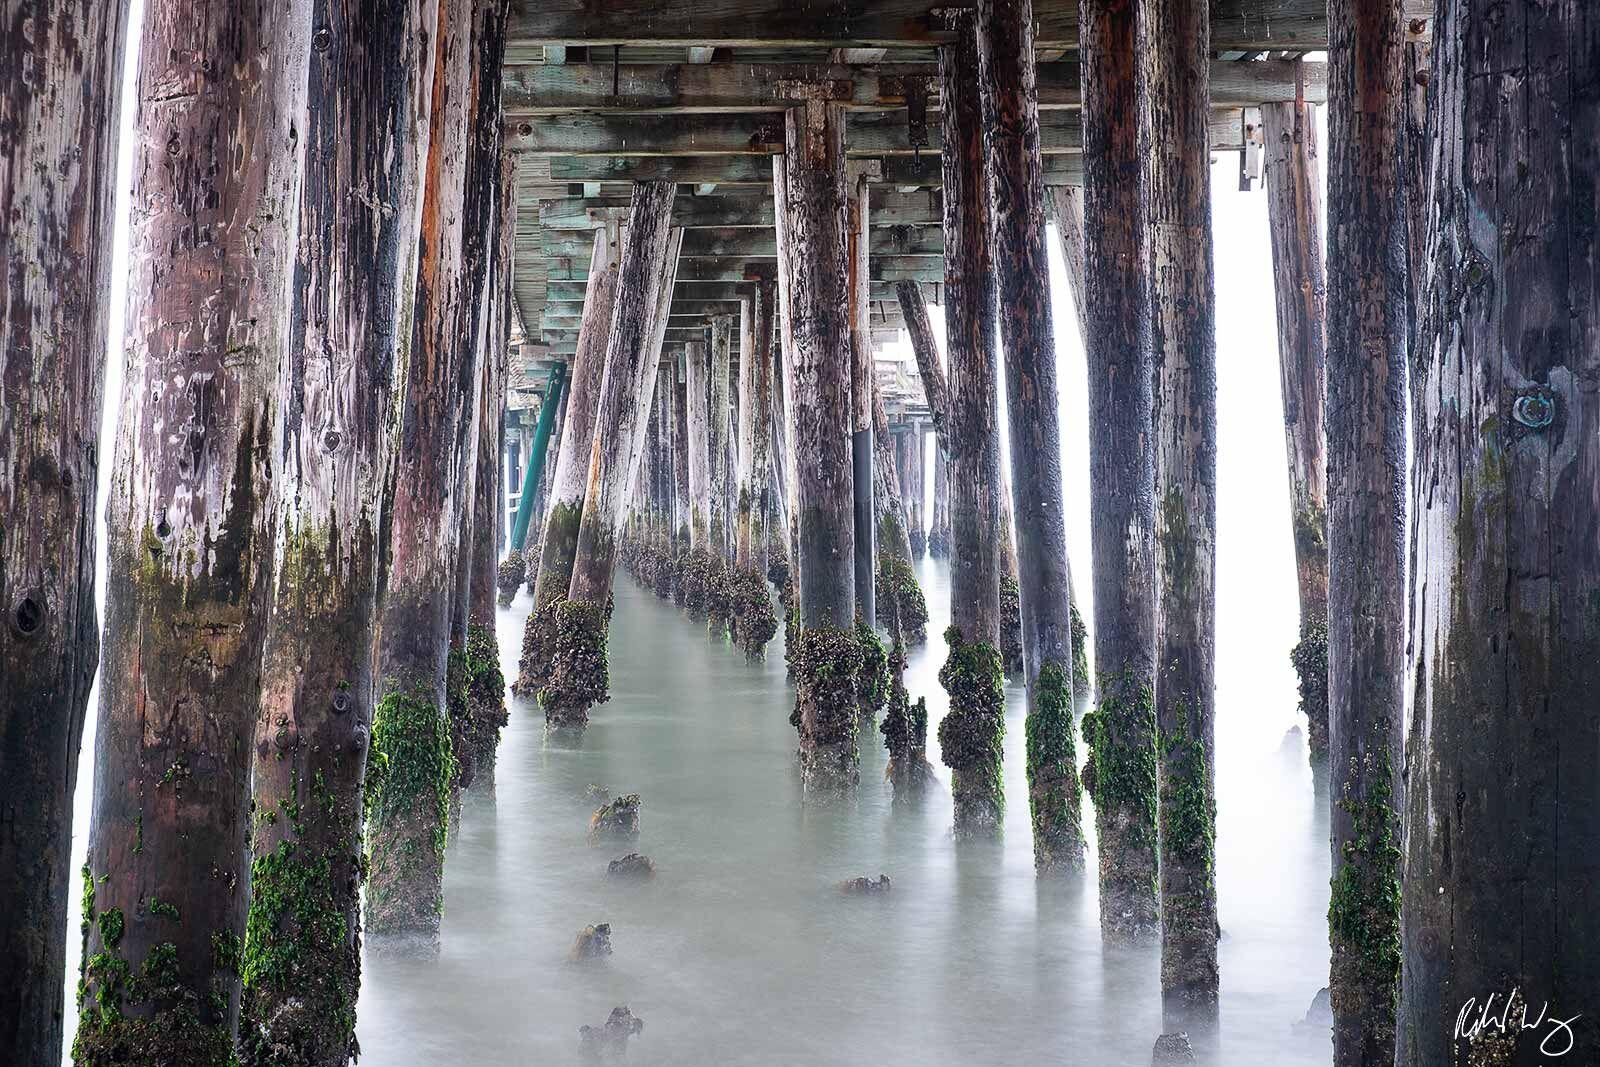 Capitola Wharf, Capitola, California